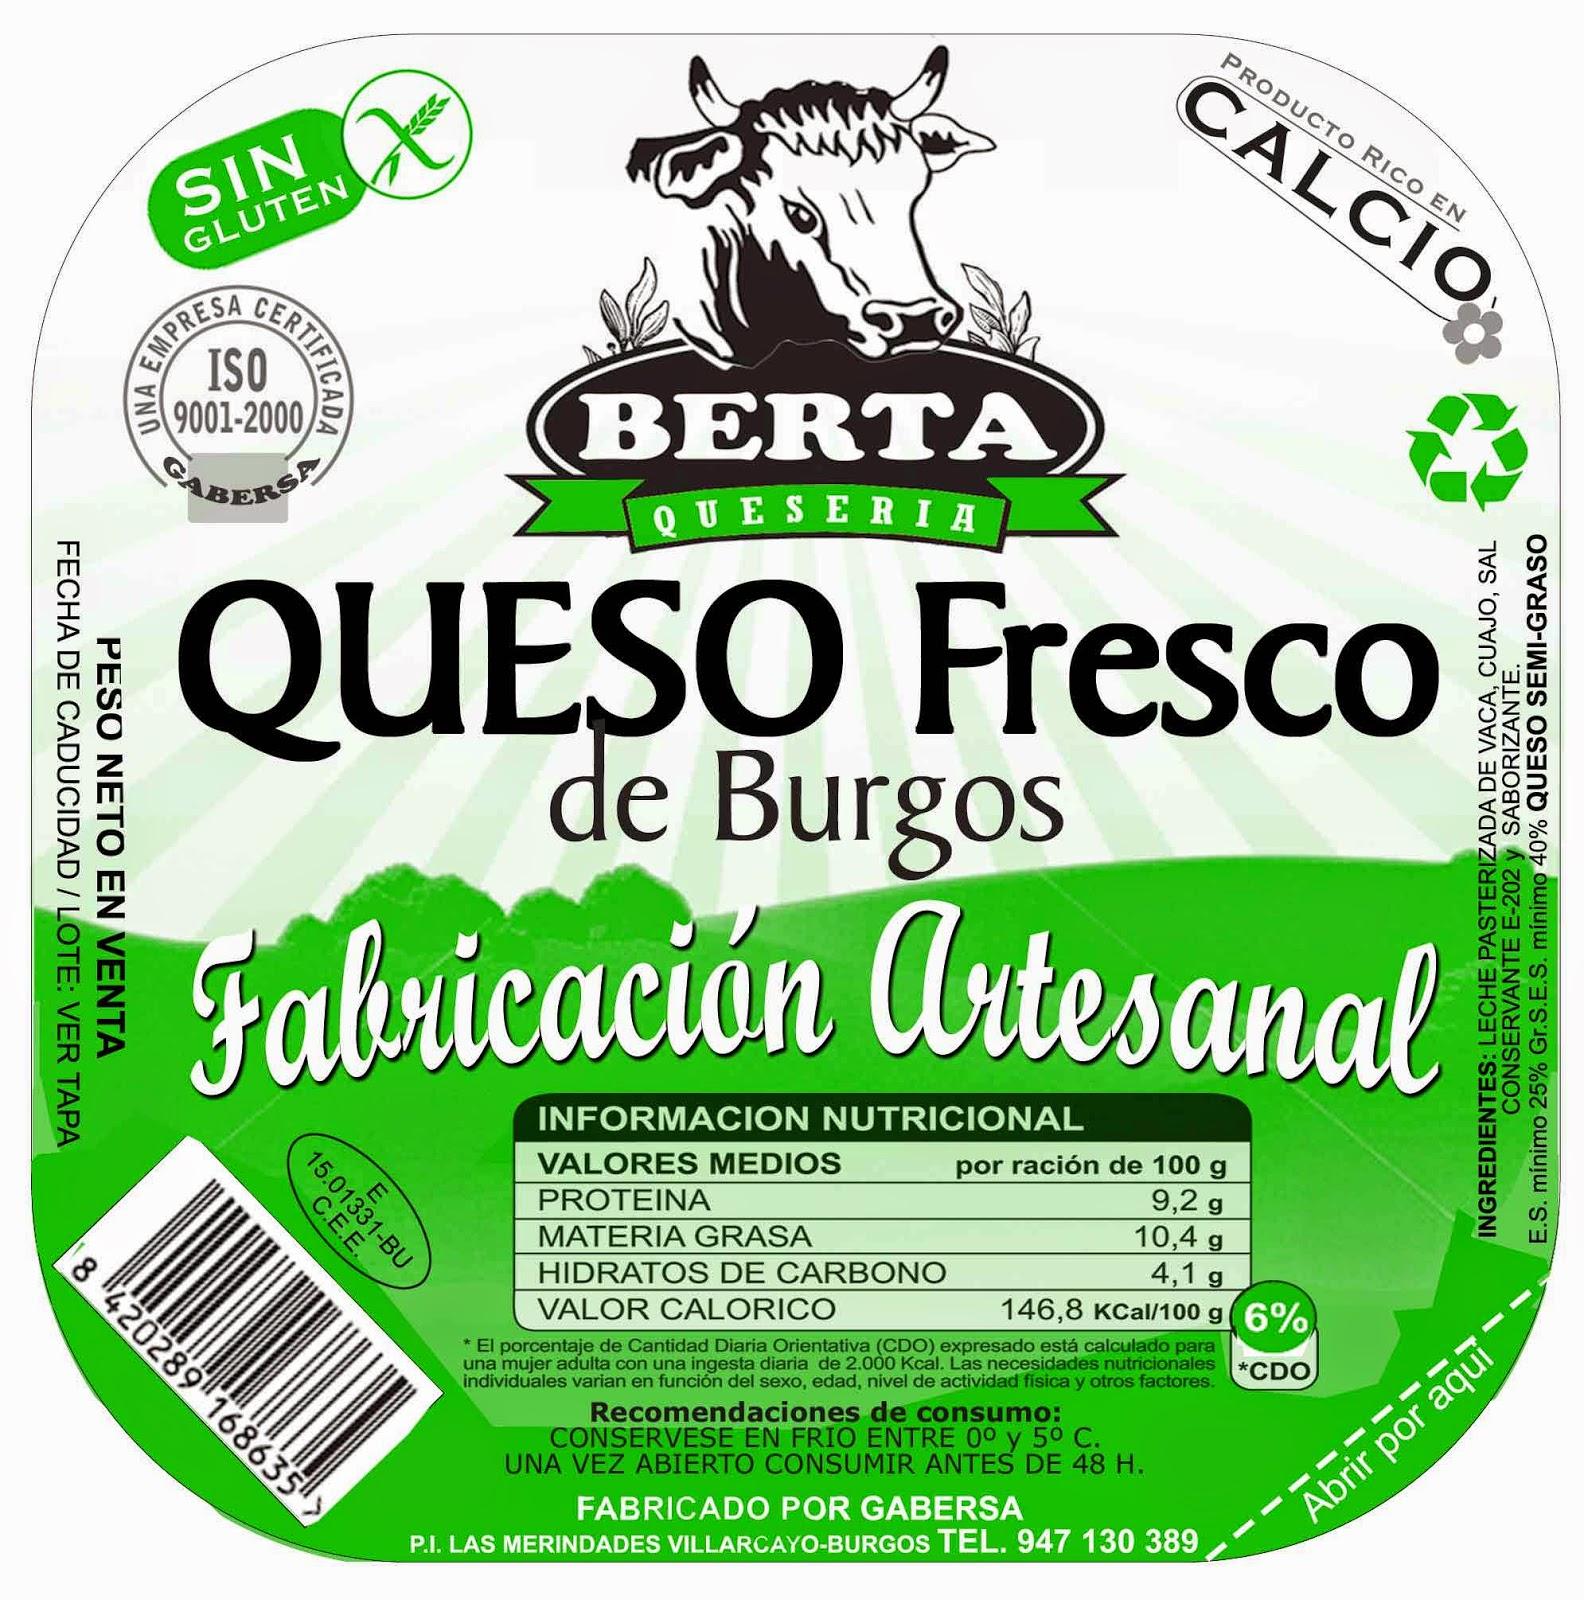 Ricardo dise o etiquetas queso berta for Diseno de etiquetas